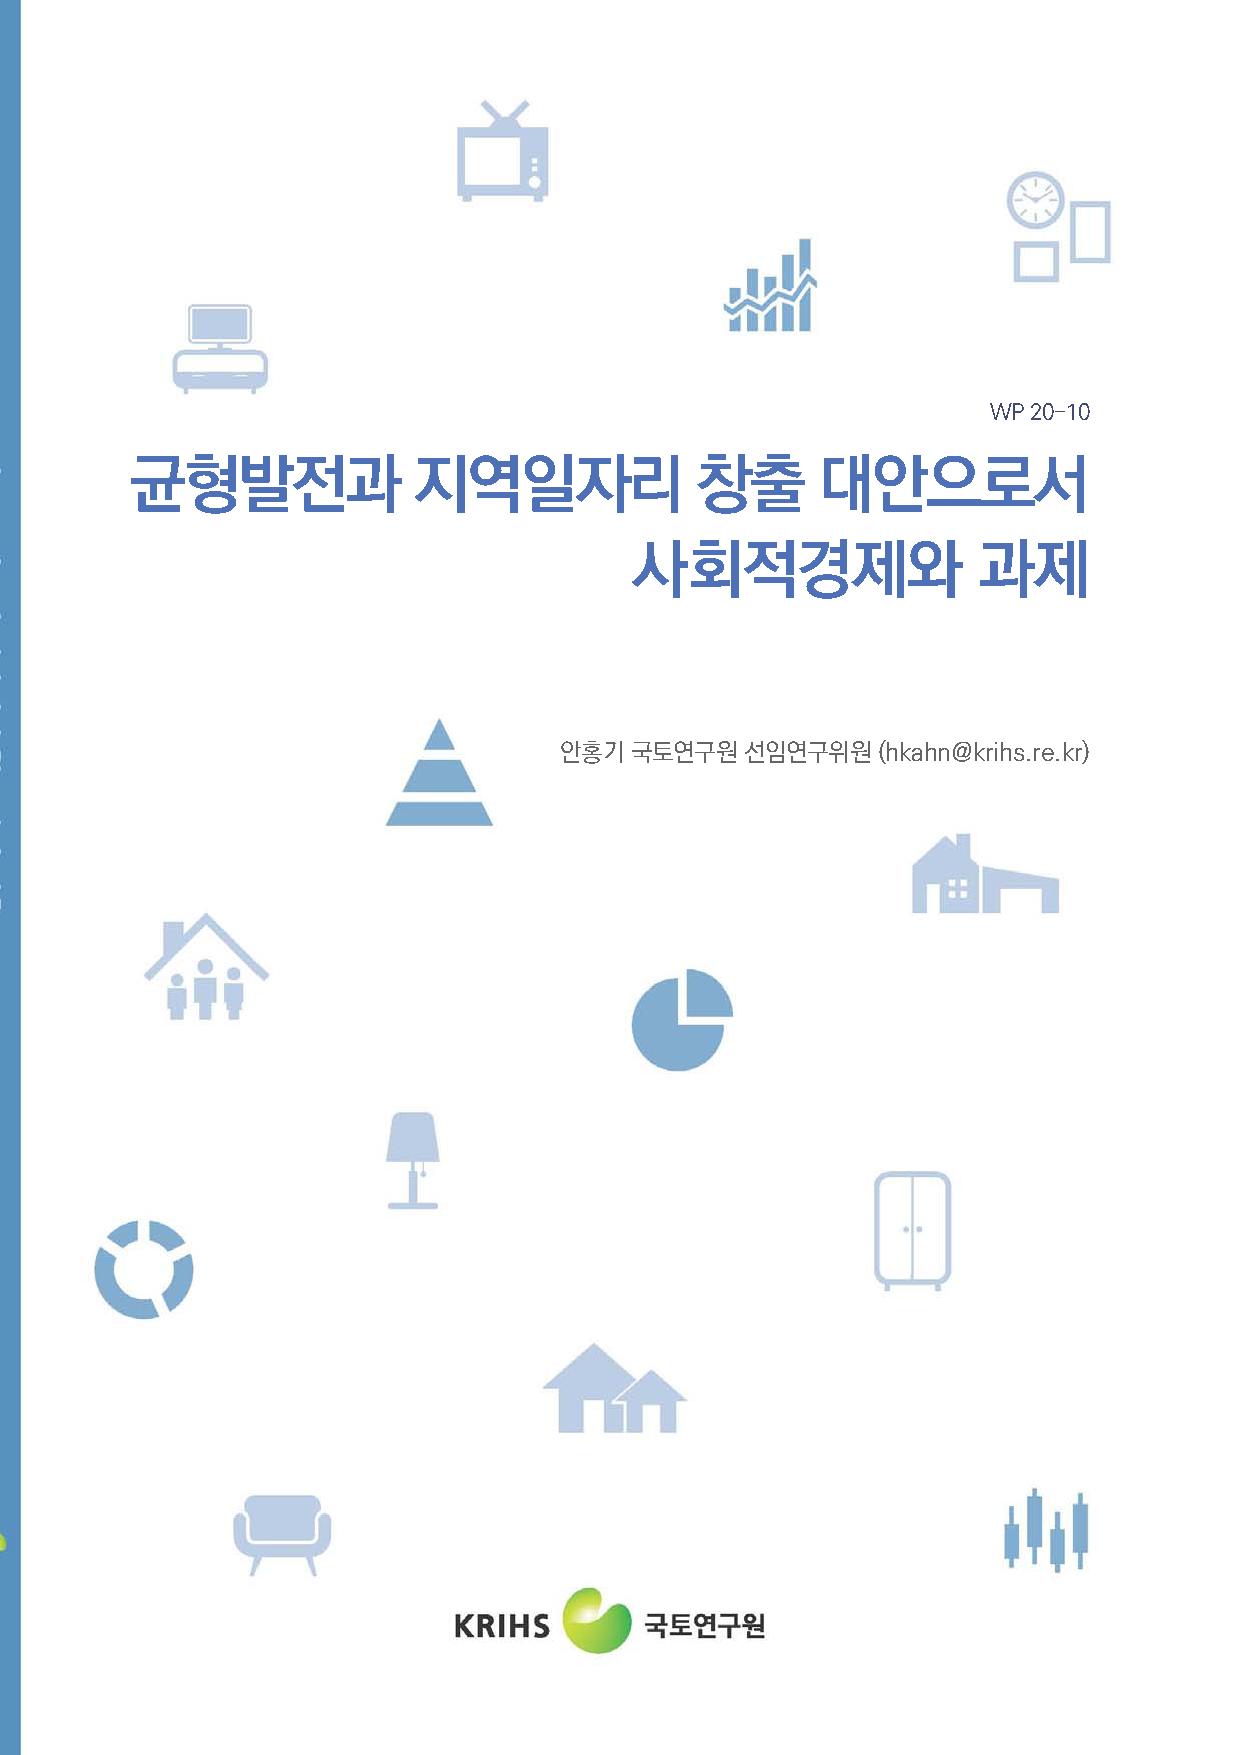 균형발전과 지역일자리 창출 대안으로서 사회적경제와 과제표지